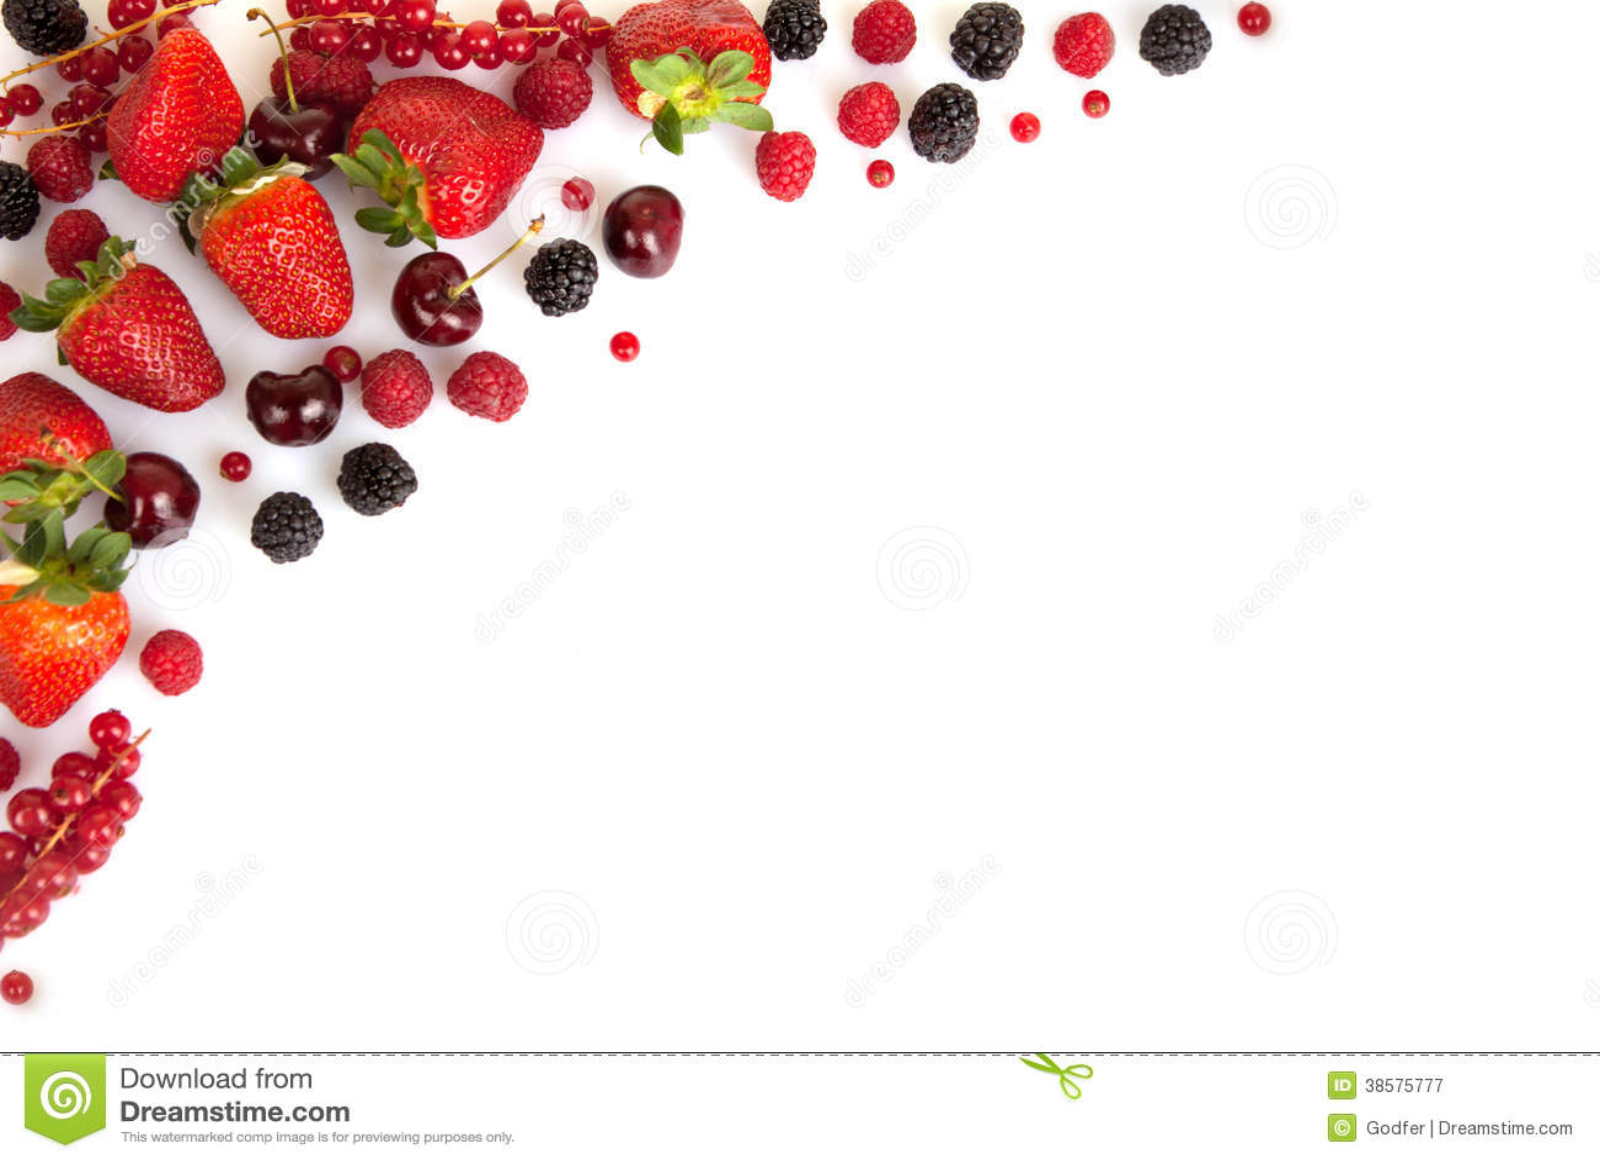 构筑红色新鲜的夏天果子边界或边缘